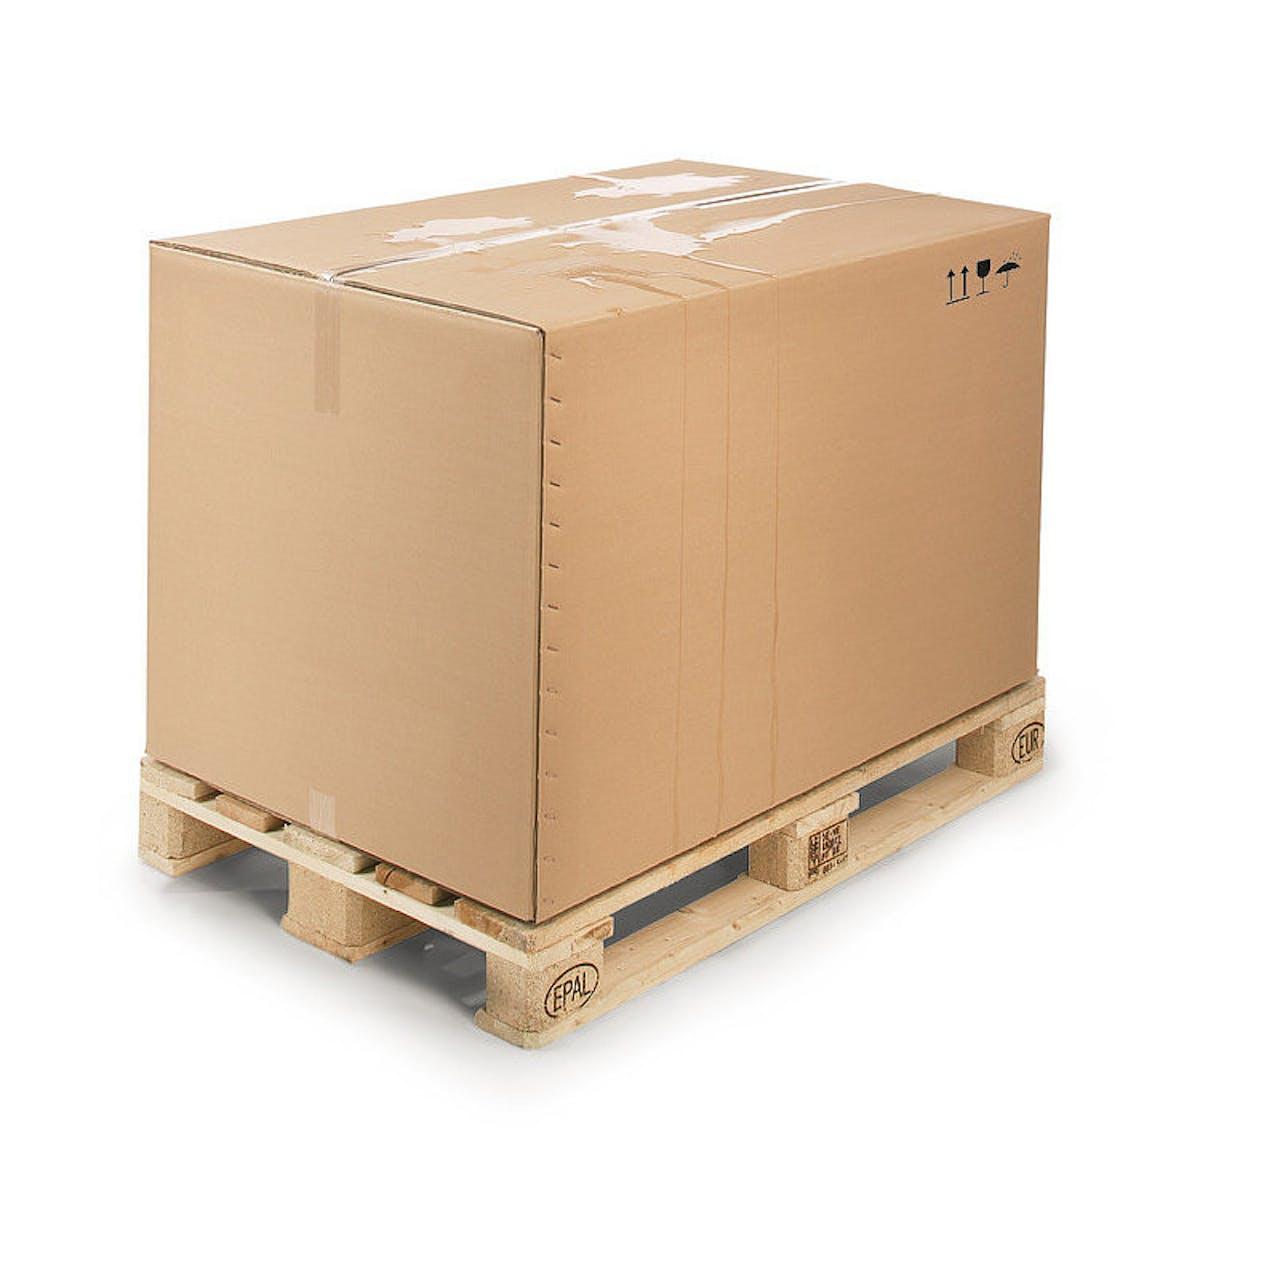 Exportbox, wasserabweisend, 1170 x 770 x 940 mm, Palettenmaß 1 Euro